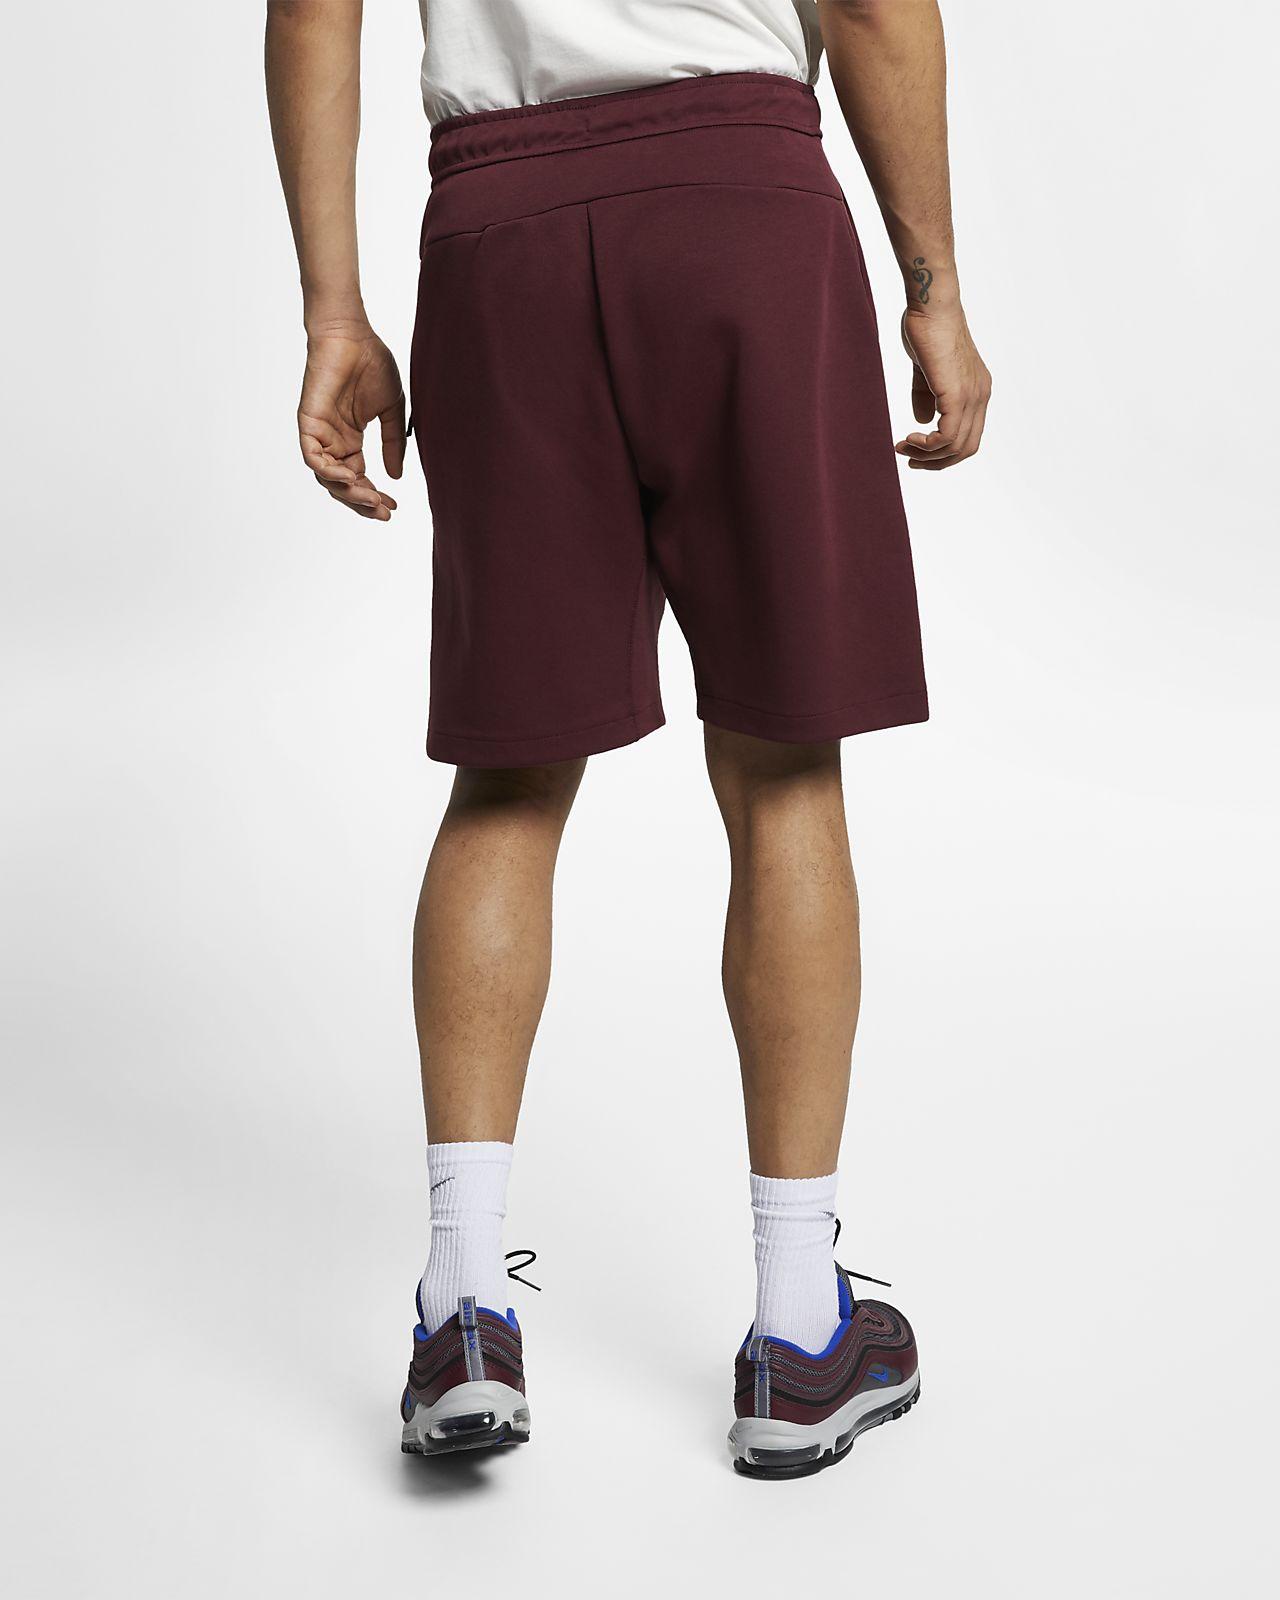 4ecfbcad7788 Nike Sportswear Tech Fleece Men s Shorts. Nike.com IE